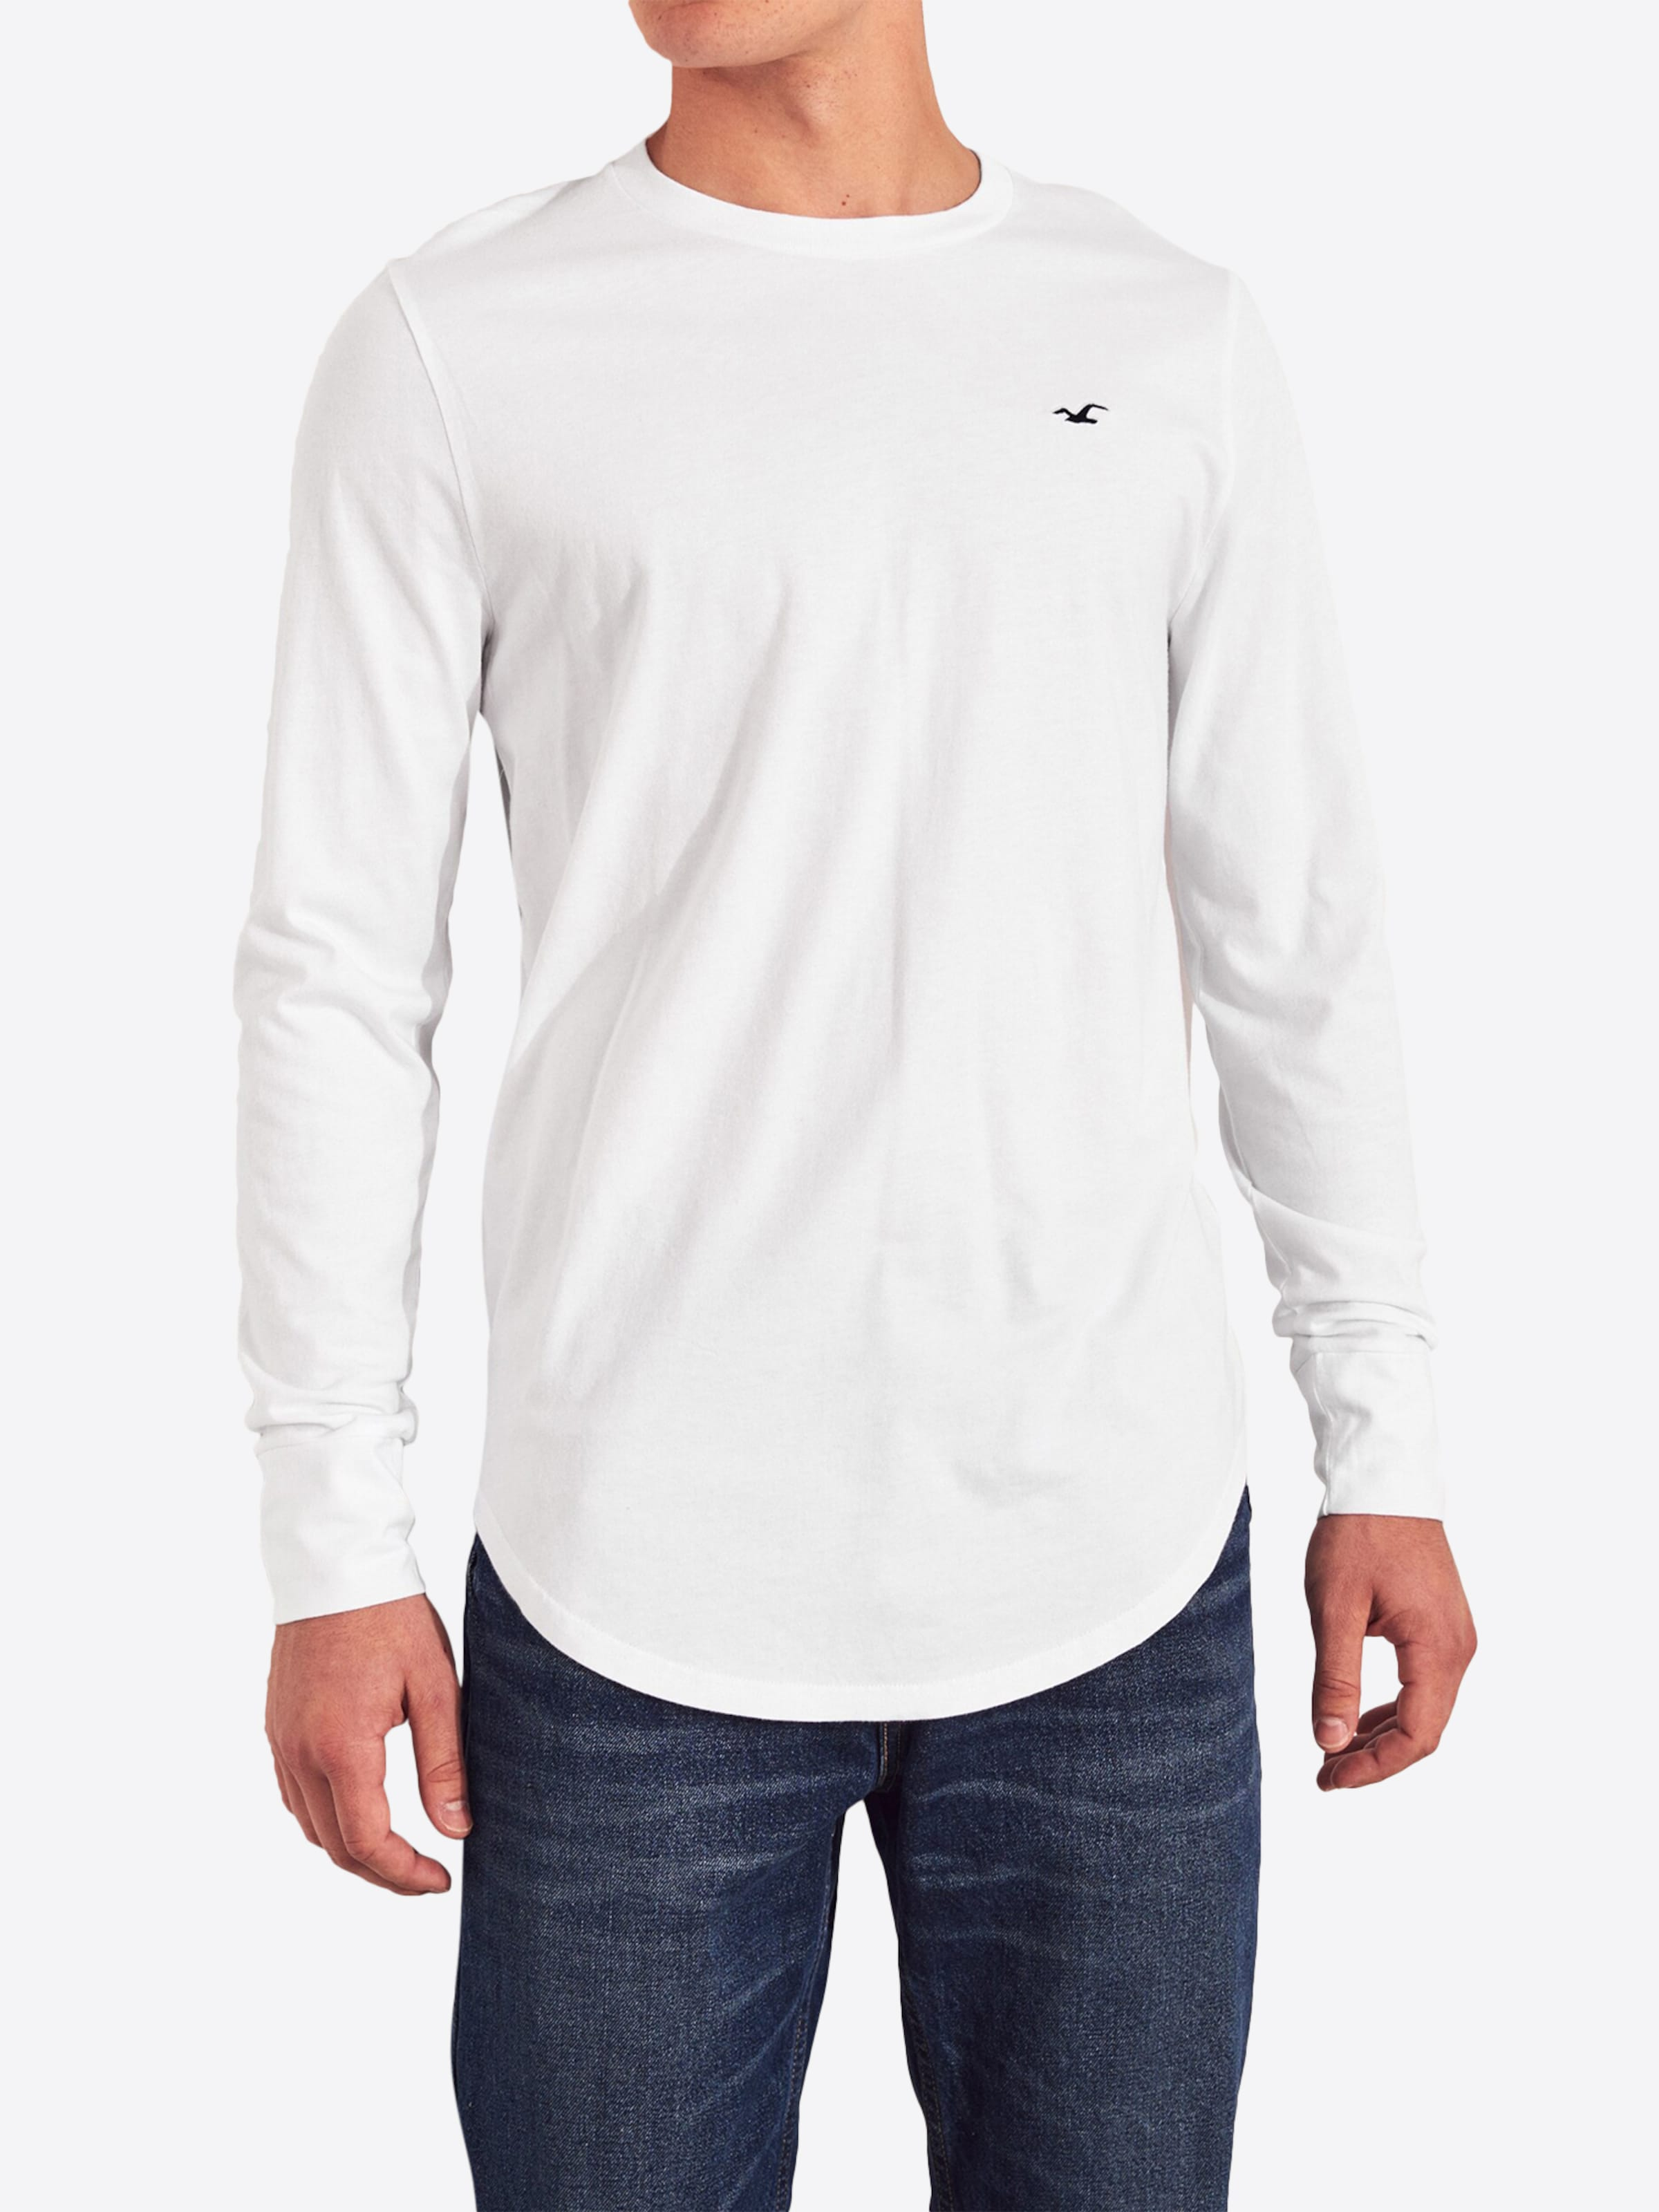 Hollister Shirt In In Shirt Weiß Hollister Hollister Weiß Shirt FK35ulT1Jc